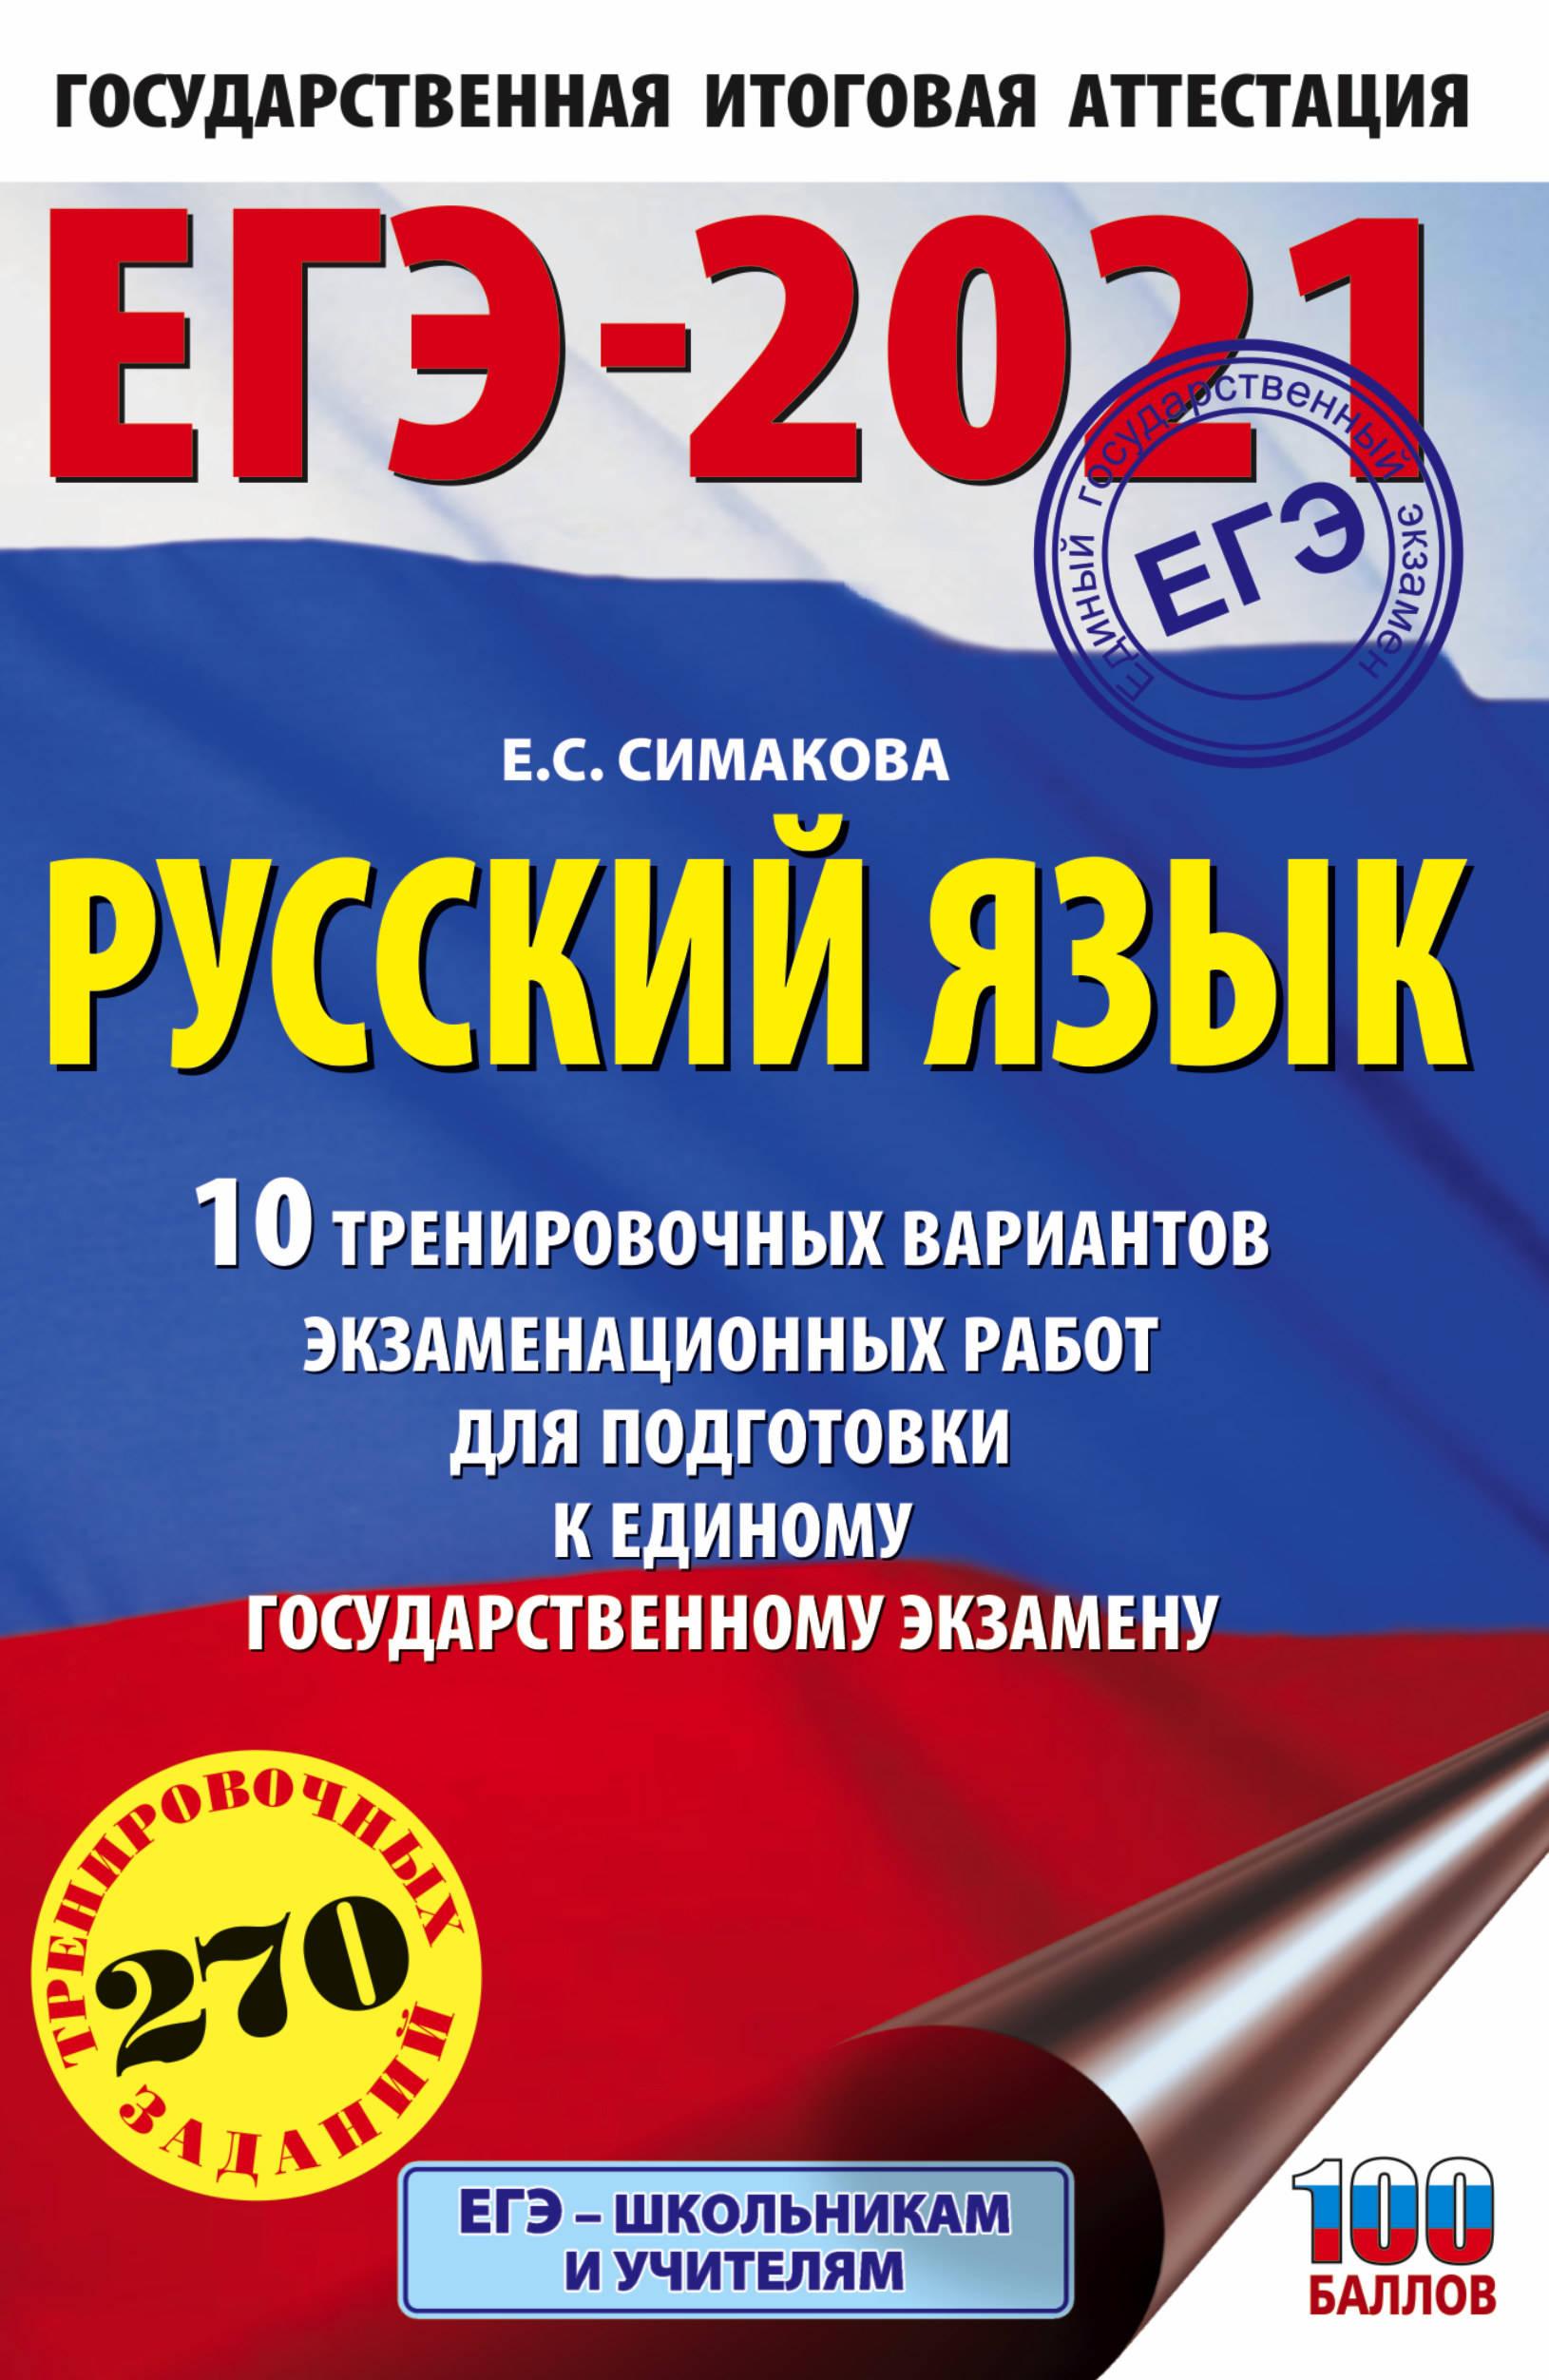 EGE-2021. Russkij jazyk (60kh90/16) 10 trenirovochnykh variantov ekzamenatsionnykh rabot dlja podgotovki k edinomu gosudarstvennomu ekzamenu